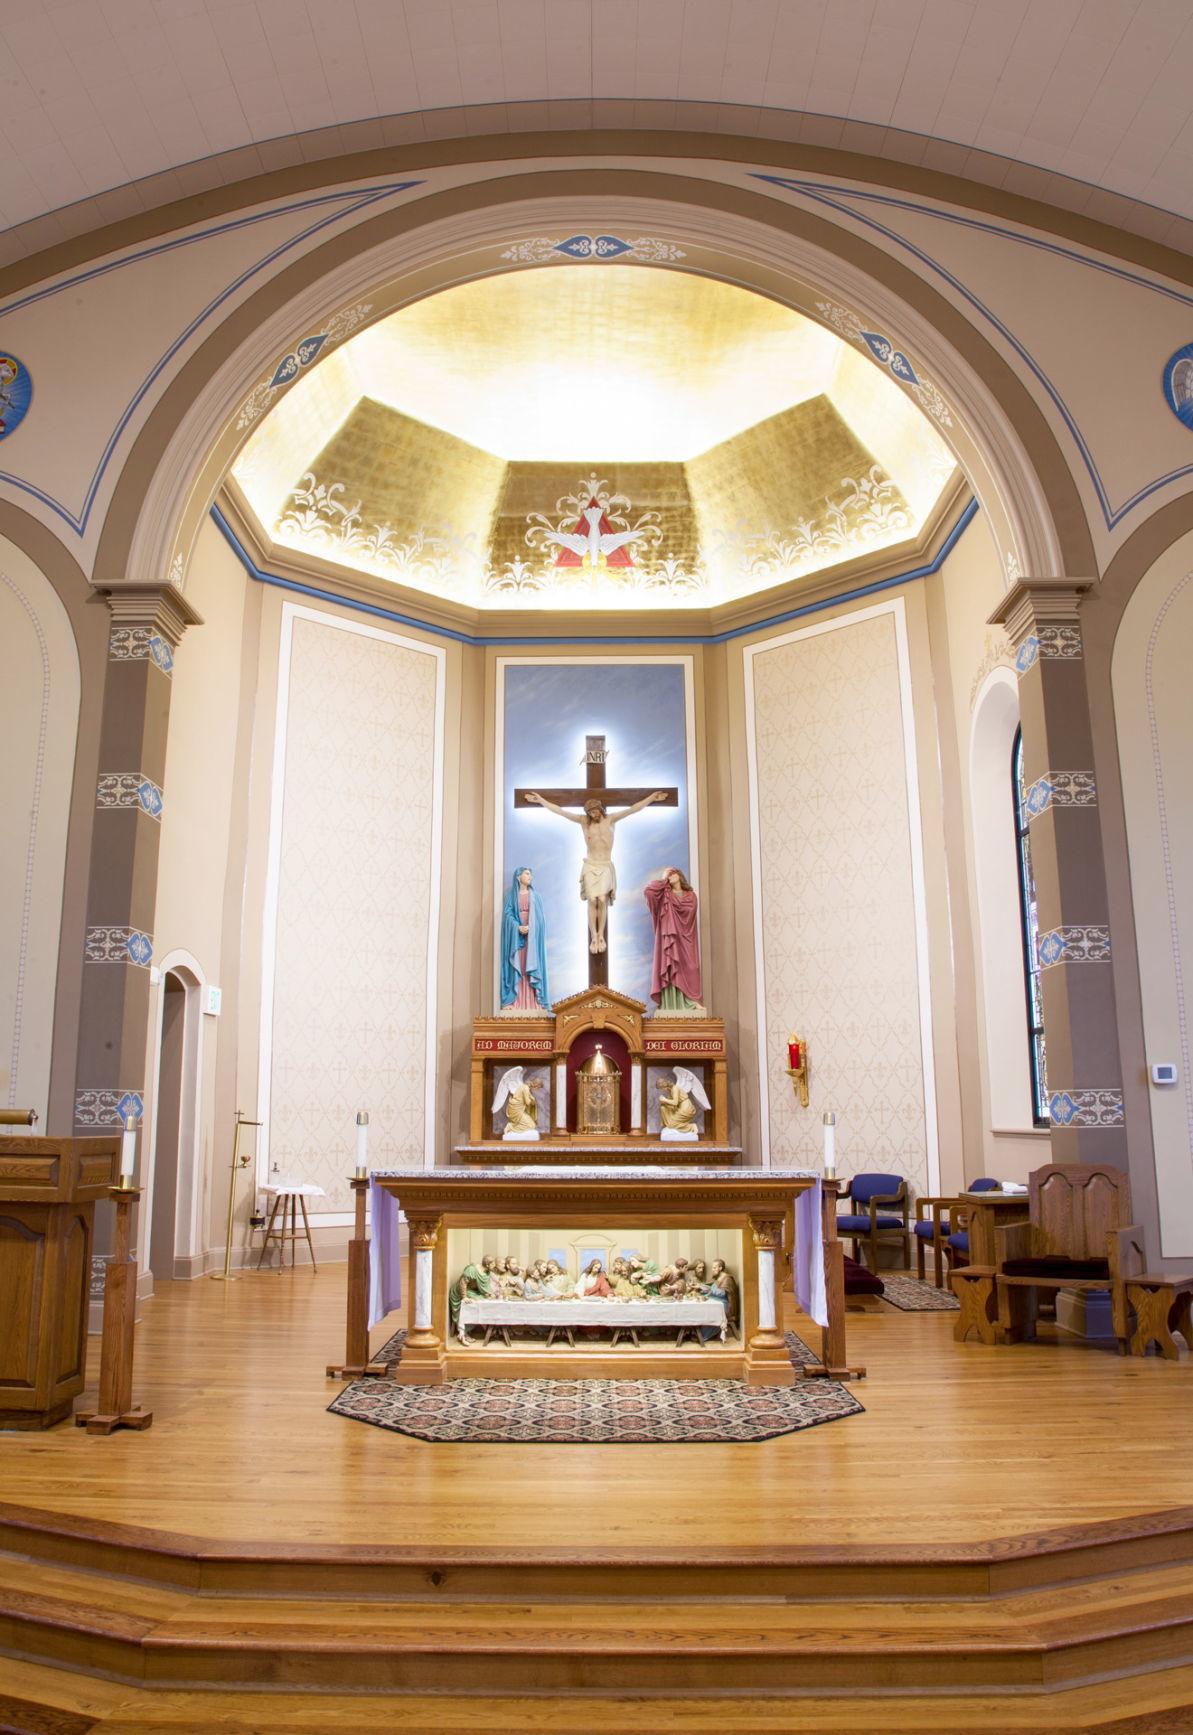 St. Bernard Catholic Church